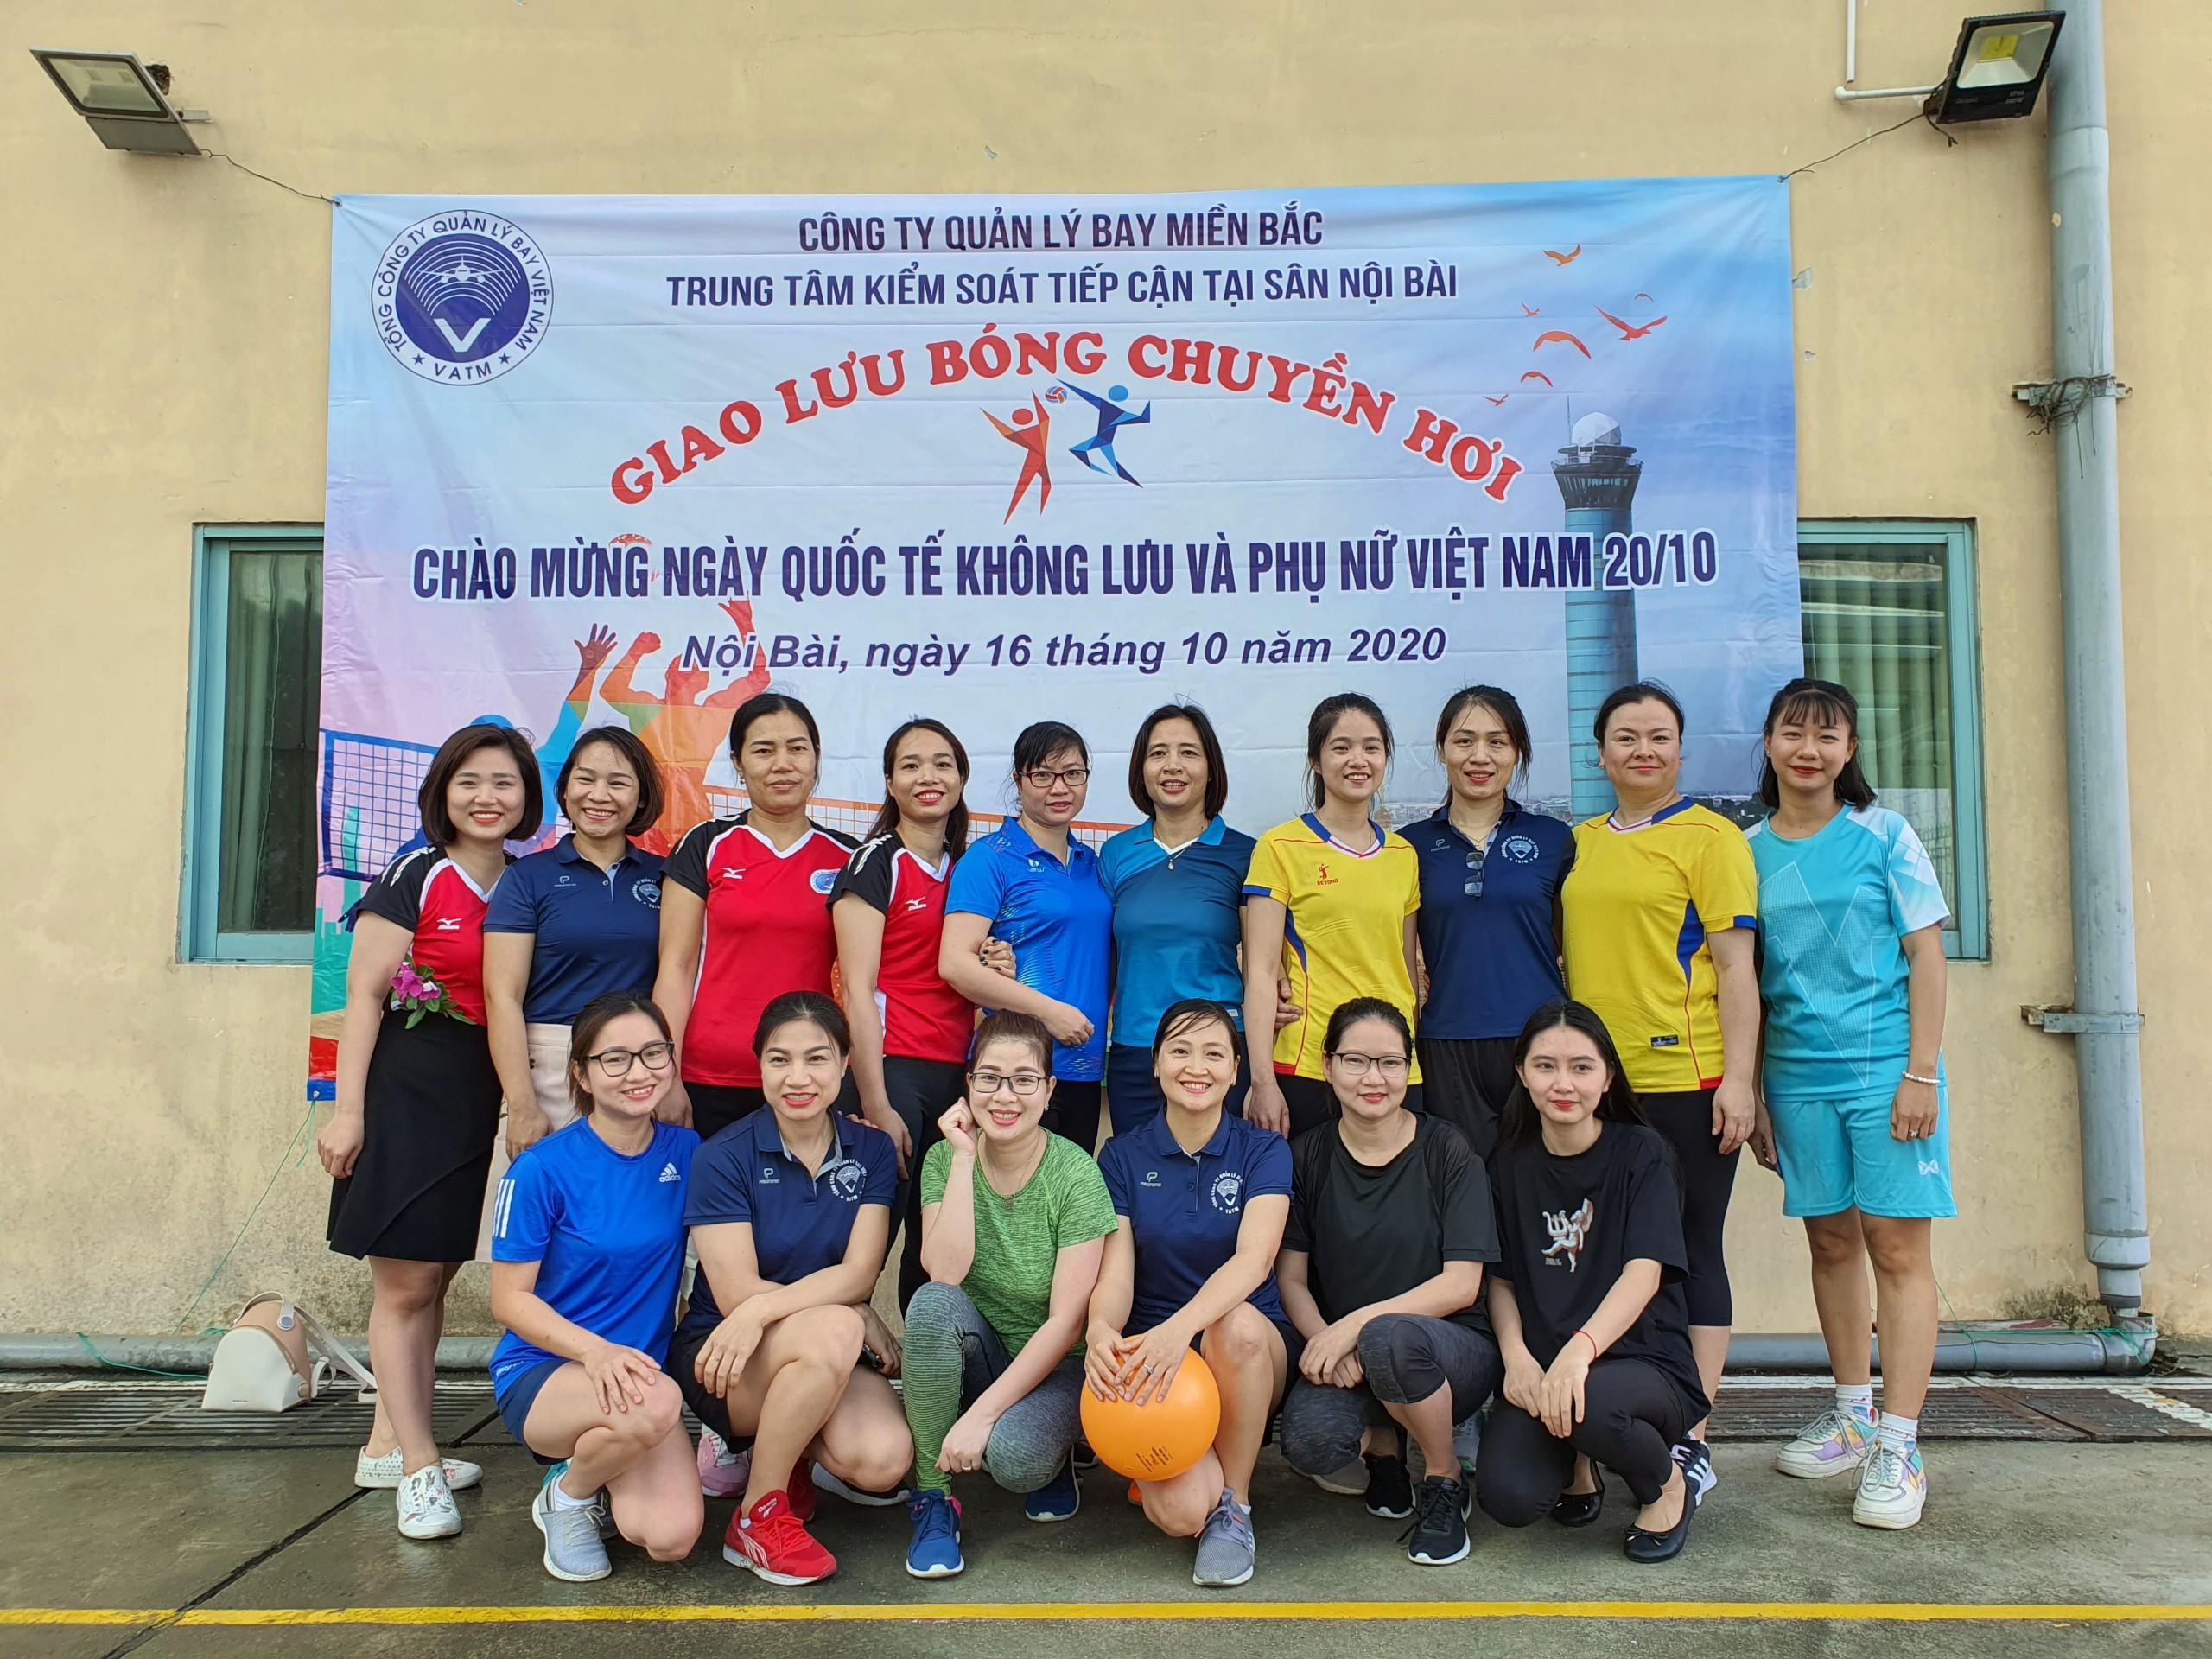 Trung tâm Kiểm soát tiếp cận tại sân Nội Bài tổ chức giải thể thao bóng chuyền hơi